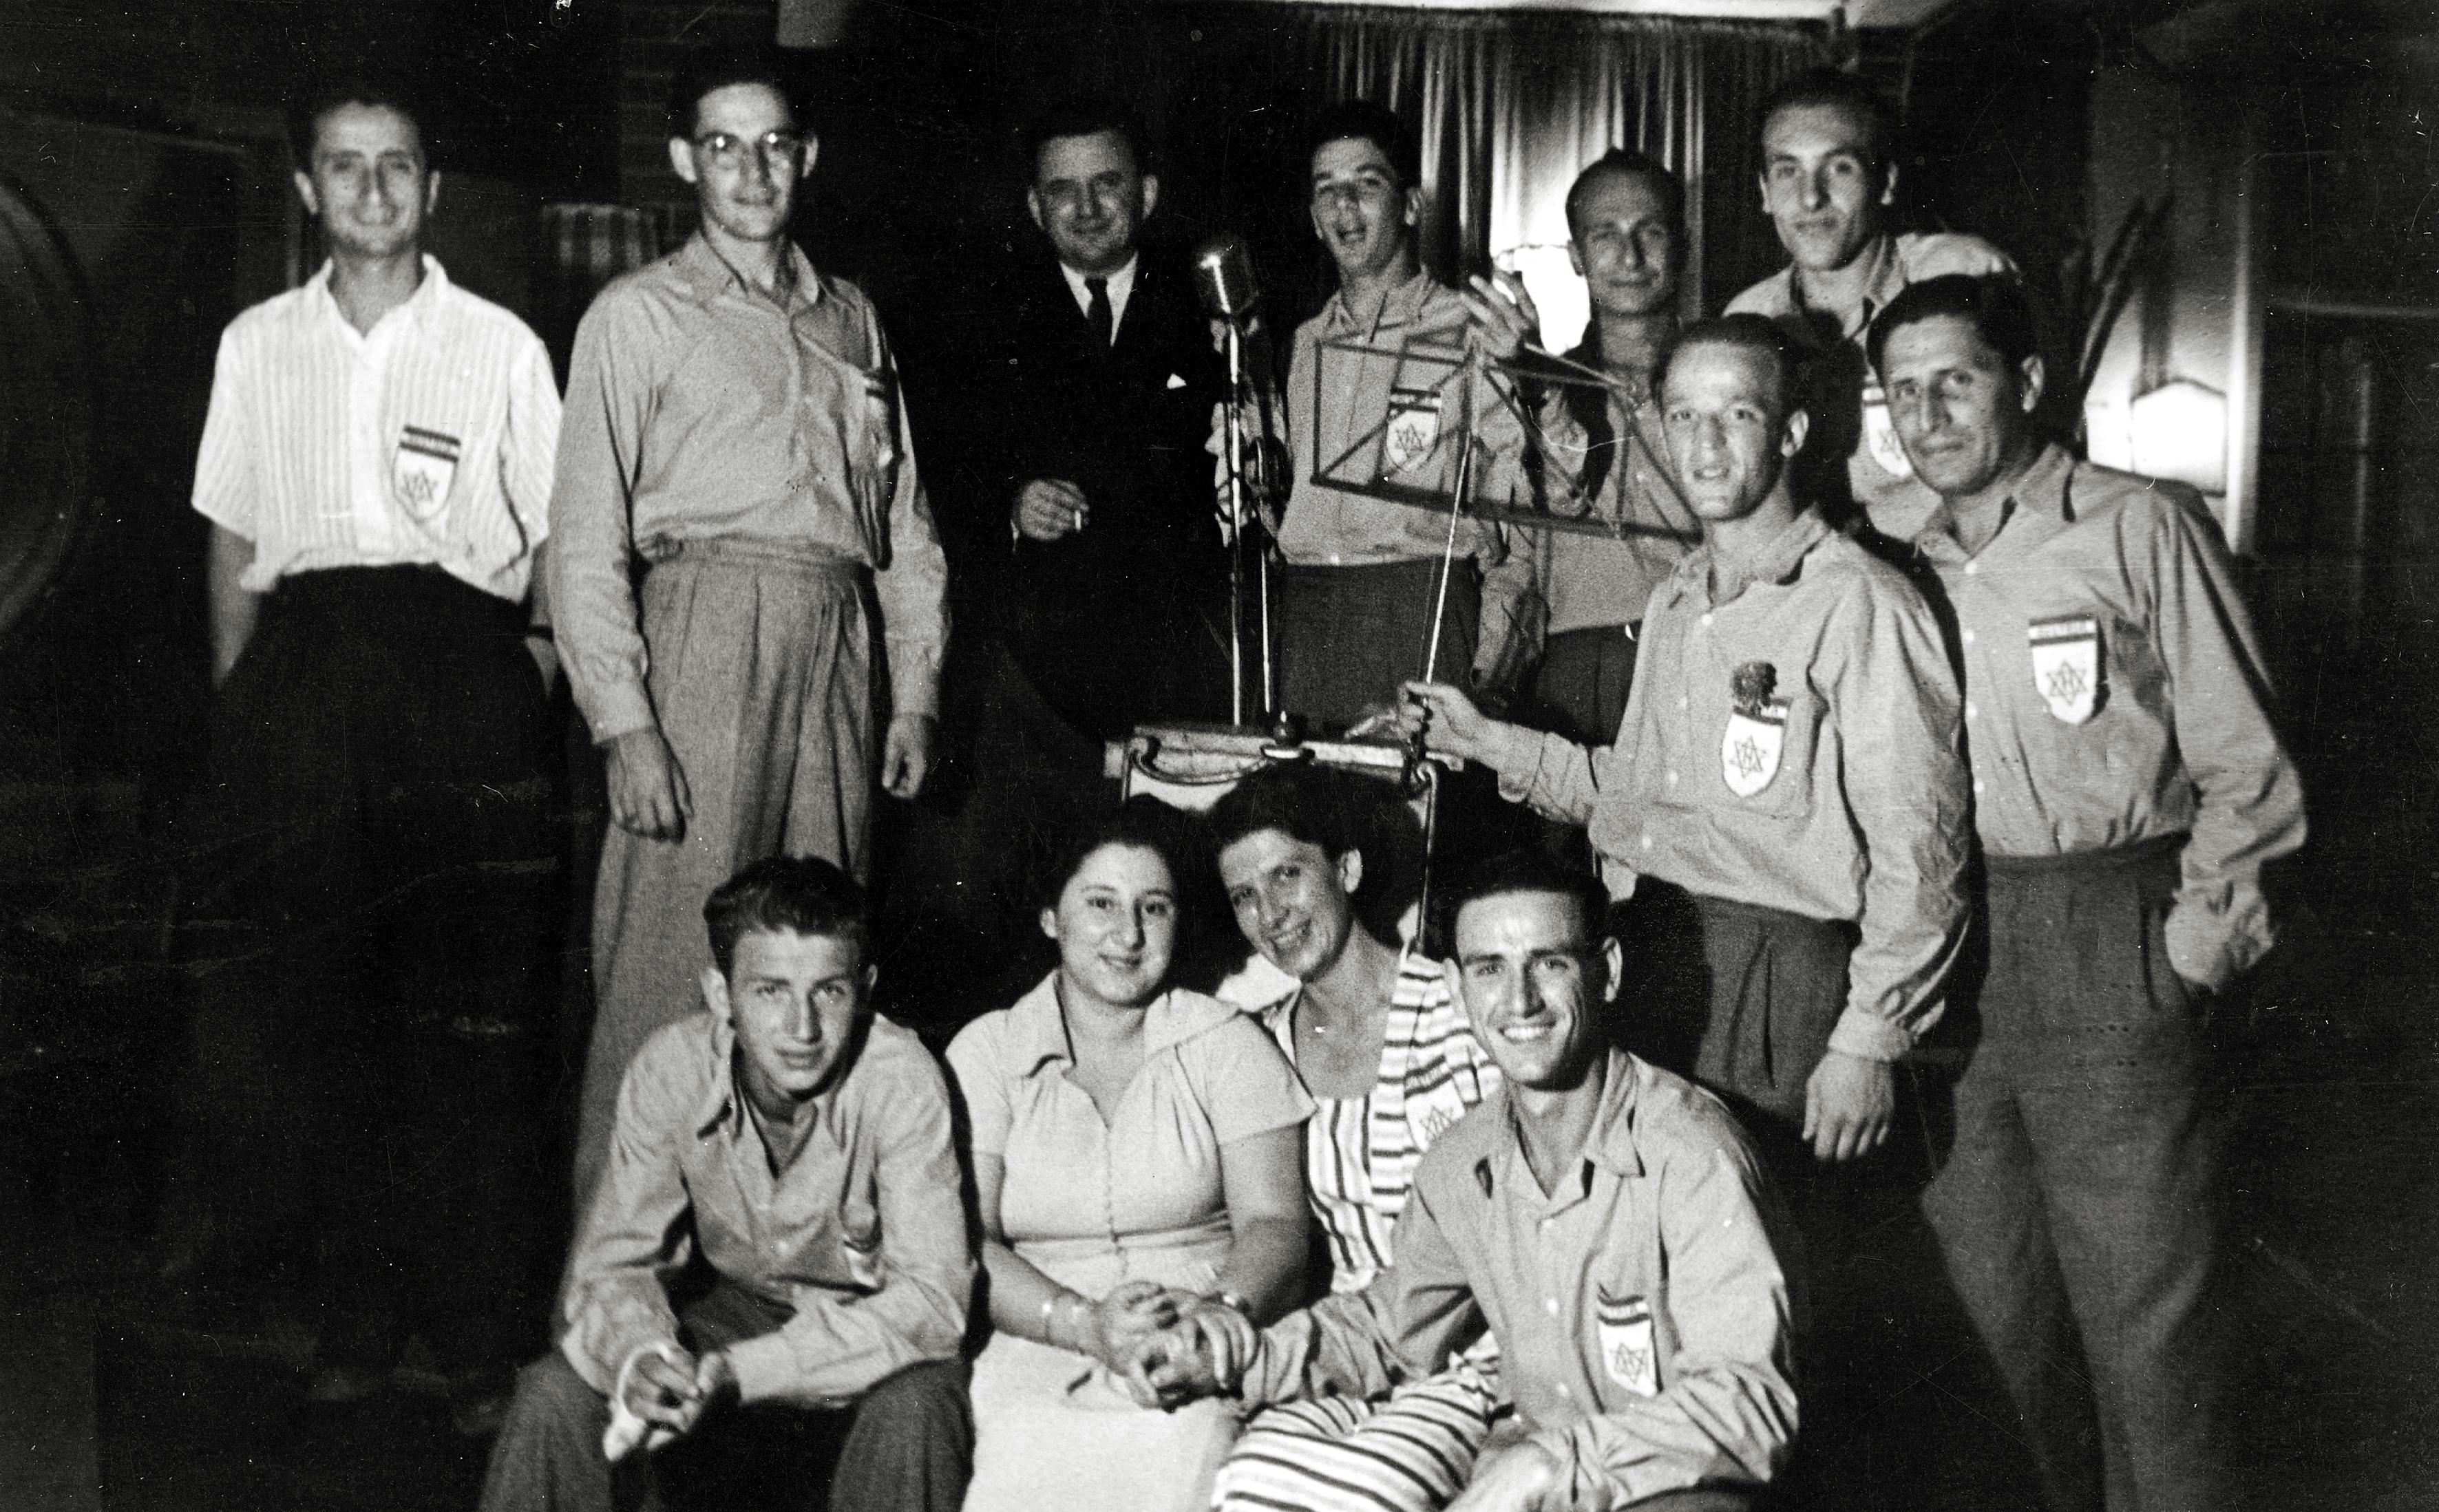 Manfred Wonsch und die Hakoah Mannschaft aus Wien 1950 in Israel mit dem österreichischen Botschafter